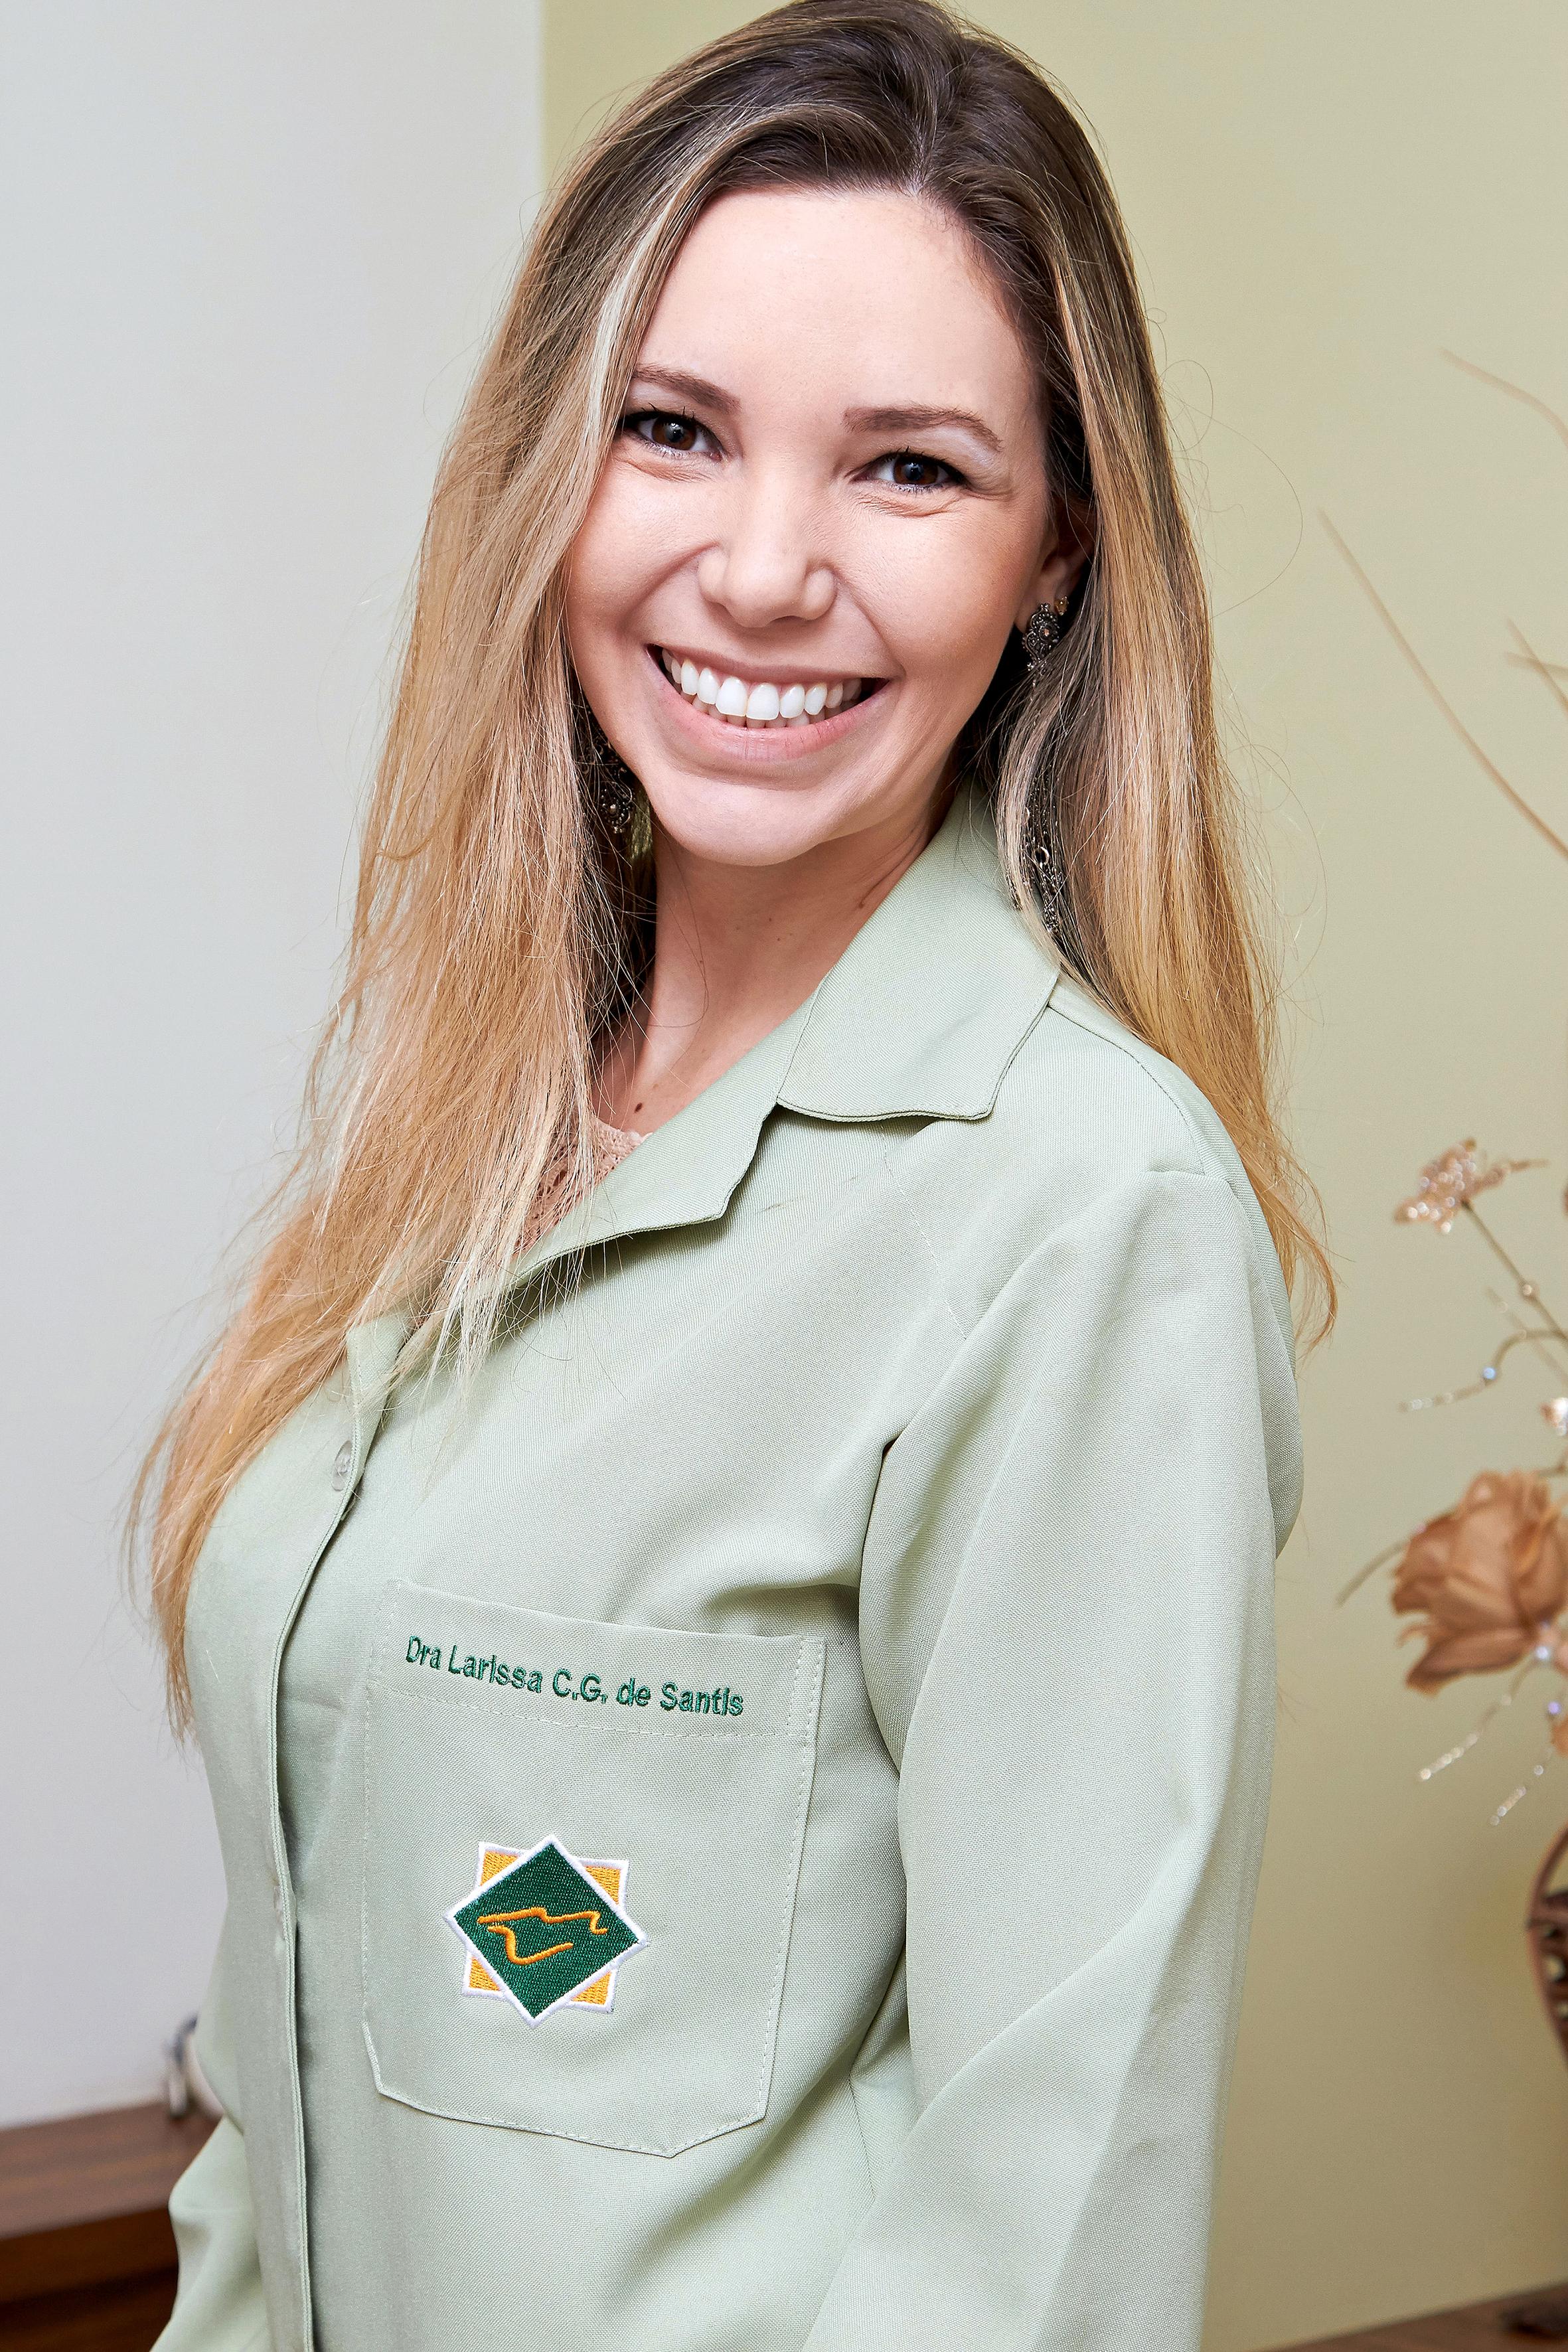 Dra. Larissa de Santis